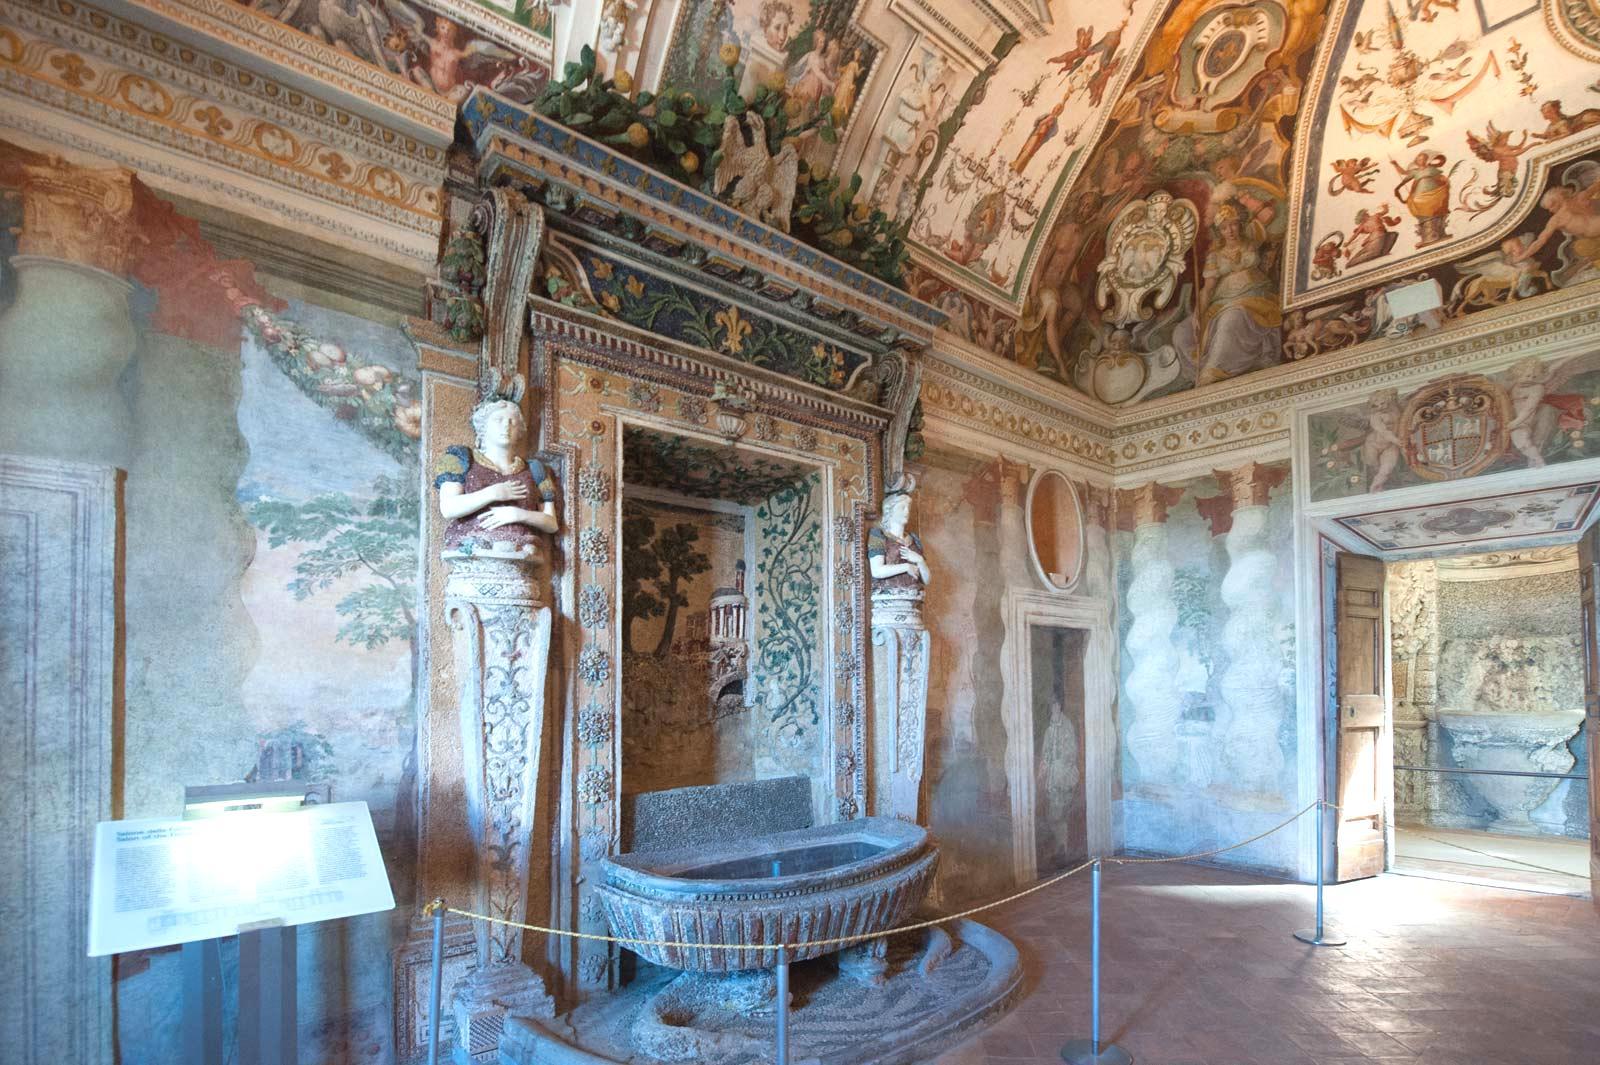 Interiors of the Villa d'Este, Tivoli, Rome